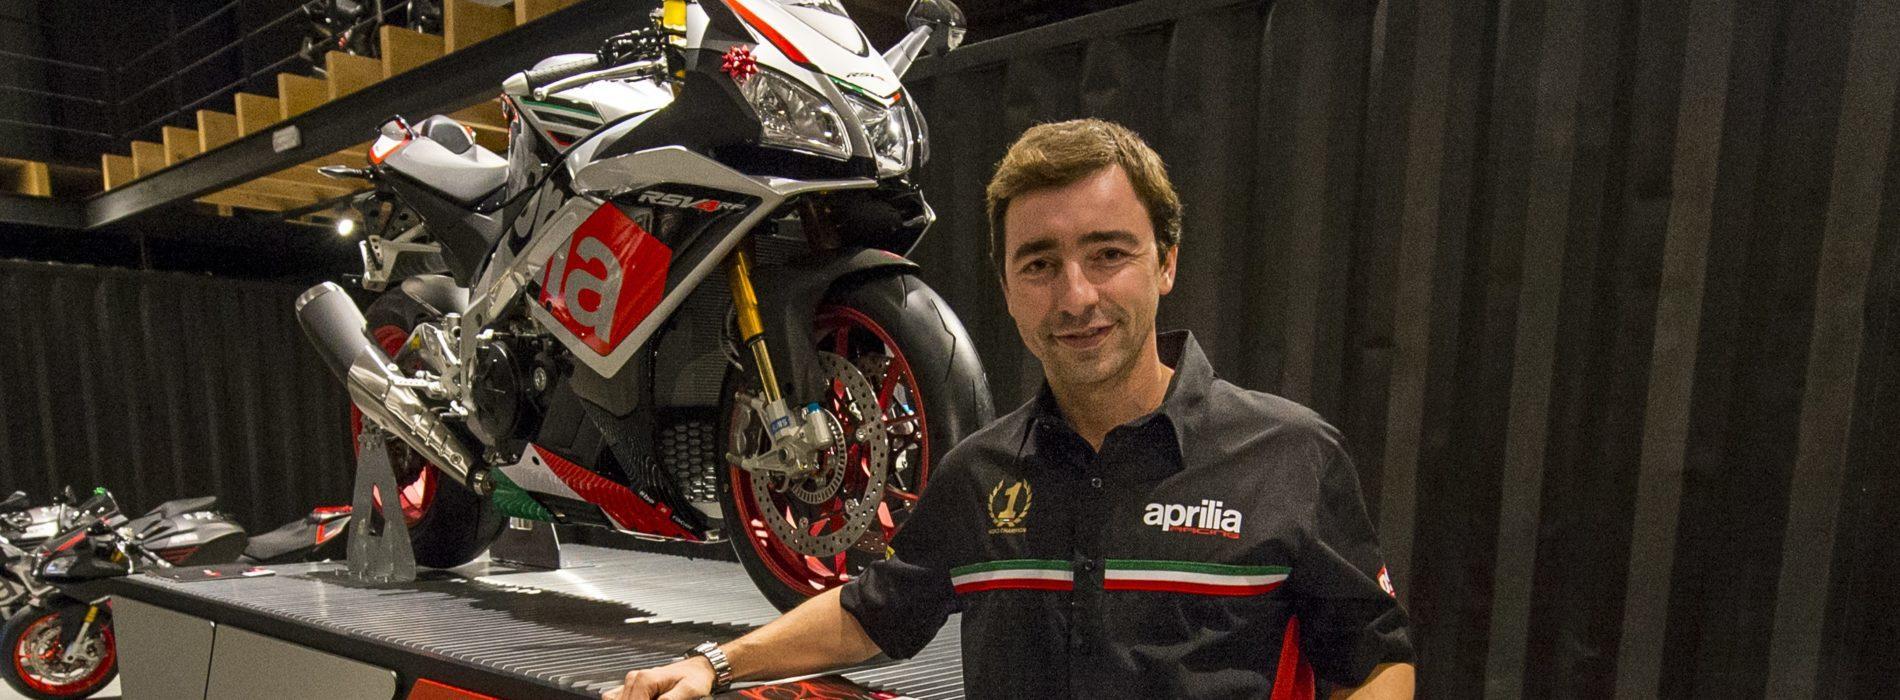 Aprilia presente no CNV Moto com Tiago Magalhães